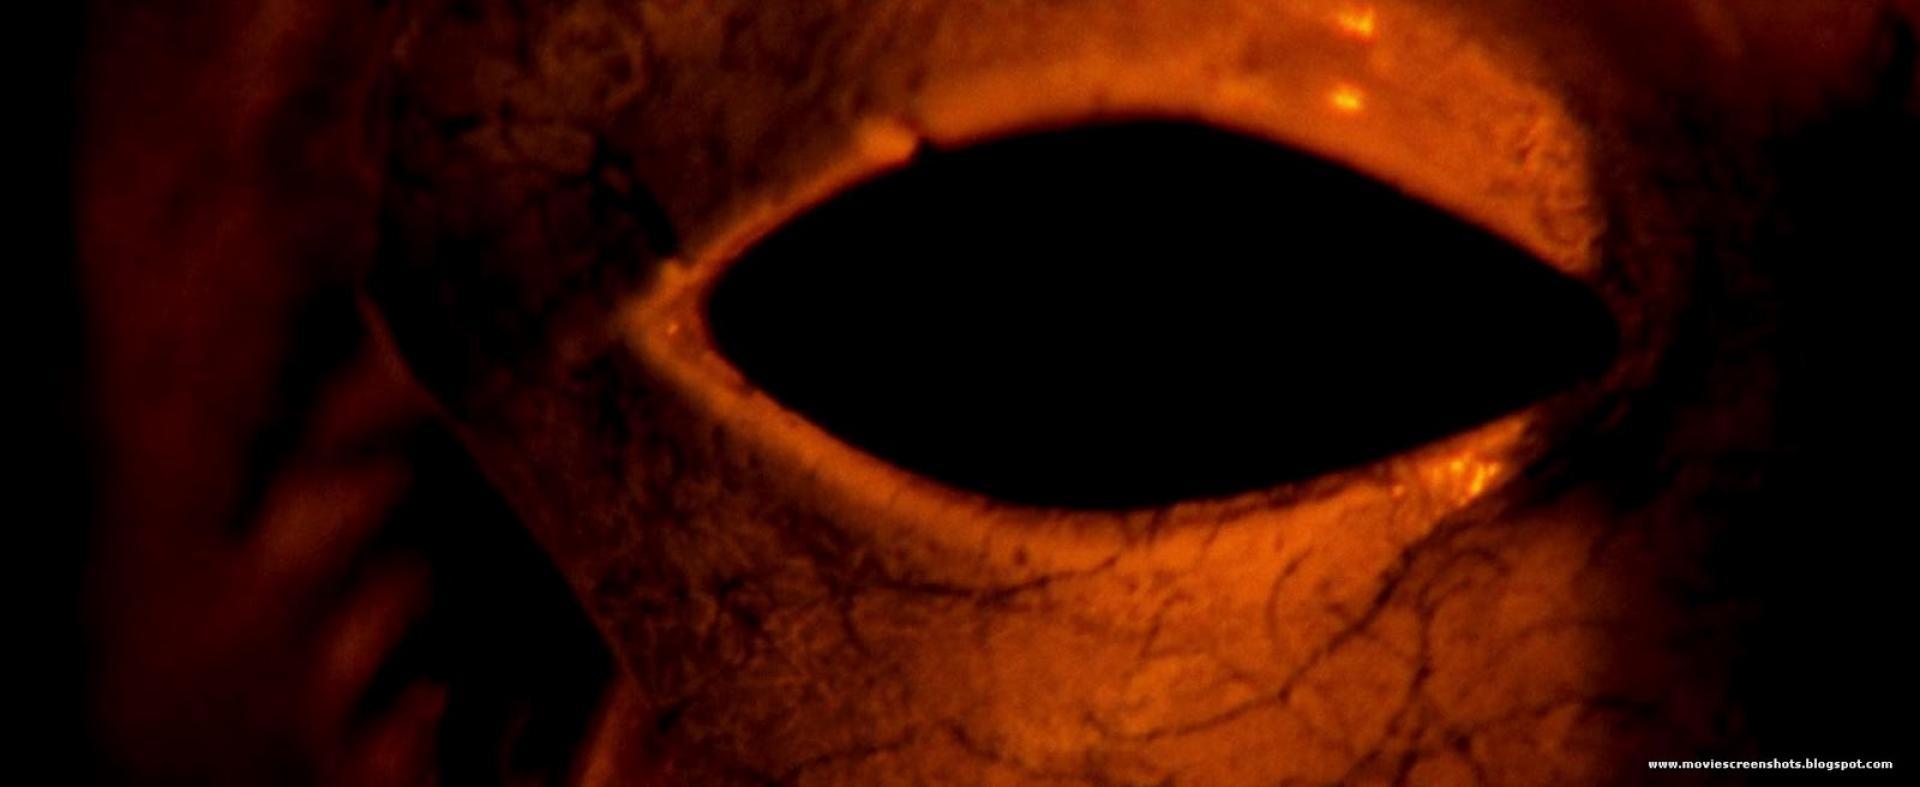 Városi legendák: A sötétség leple (2003)